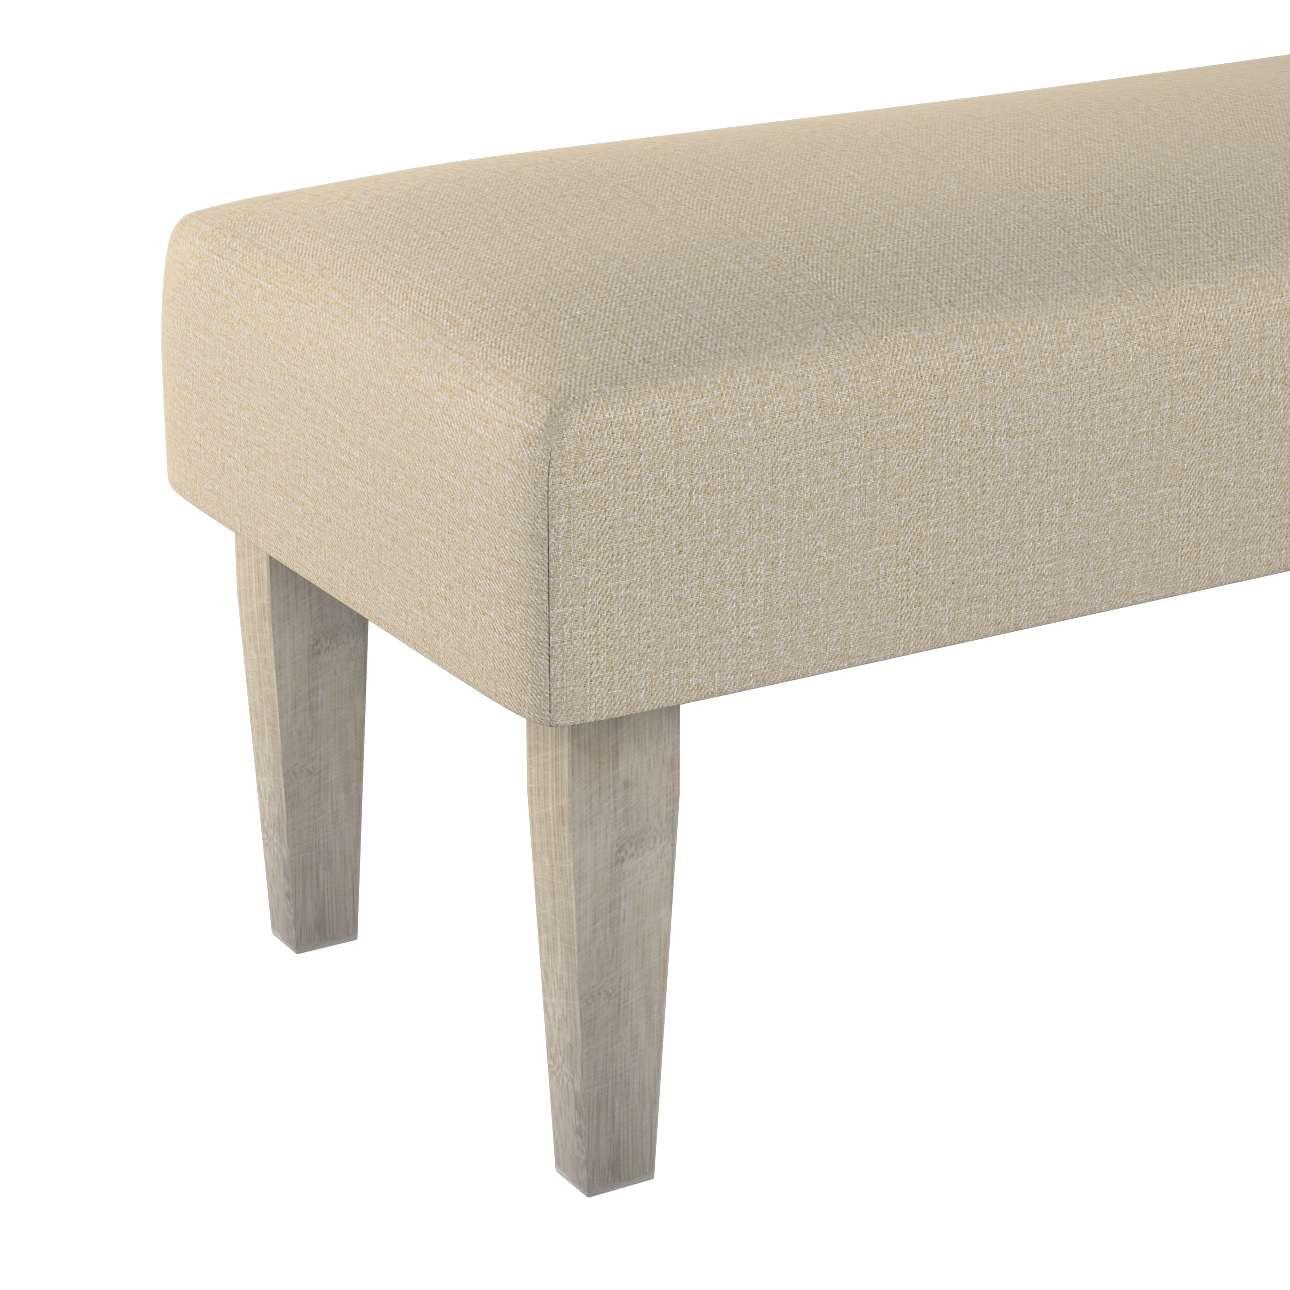 Sitzbank 100cm von der Kollektion Edinburgh, Stoff: 115-78